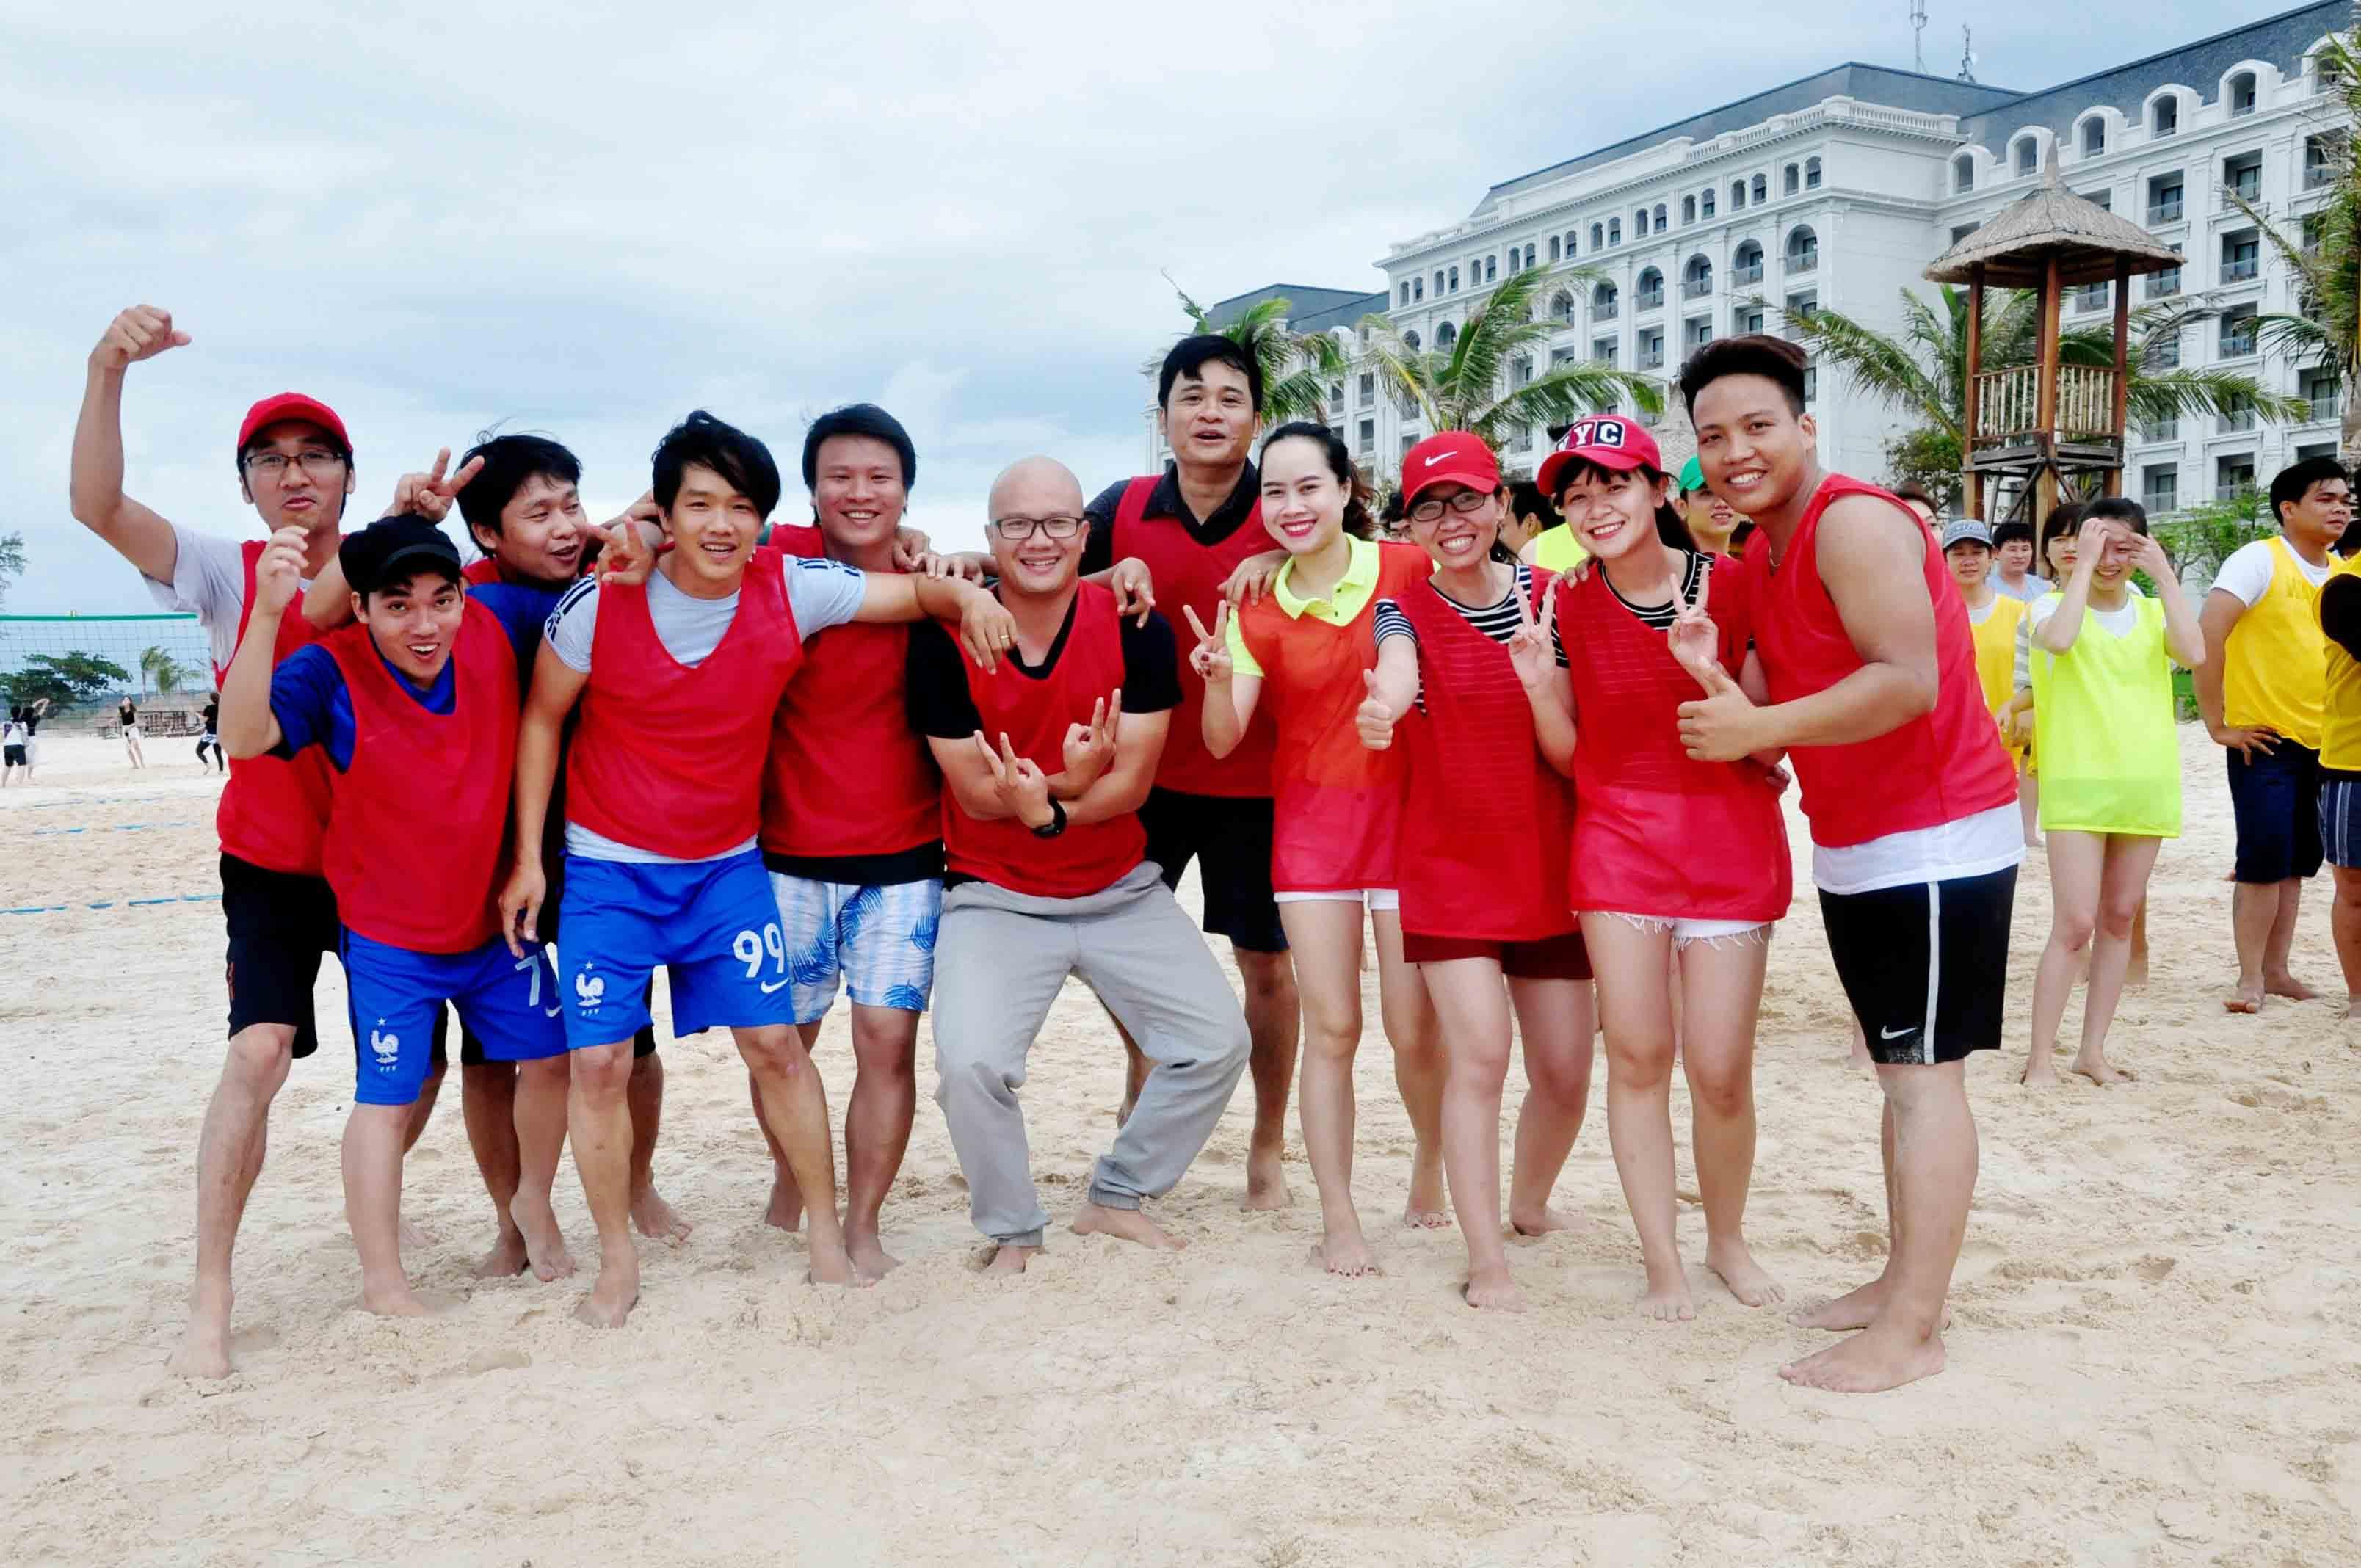 Hạo Phương du lịch nghỉ dưỡng tại Vinpearl Phú Quốc, ảnh 10